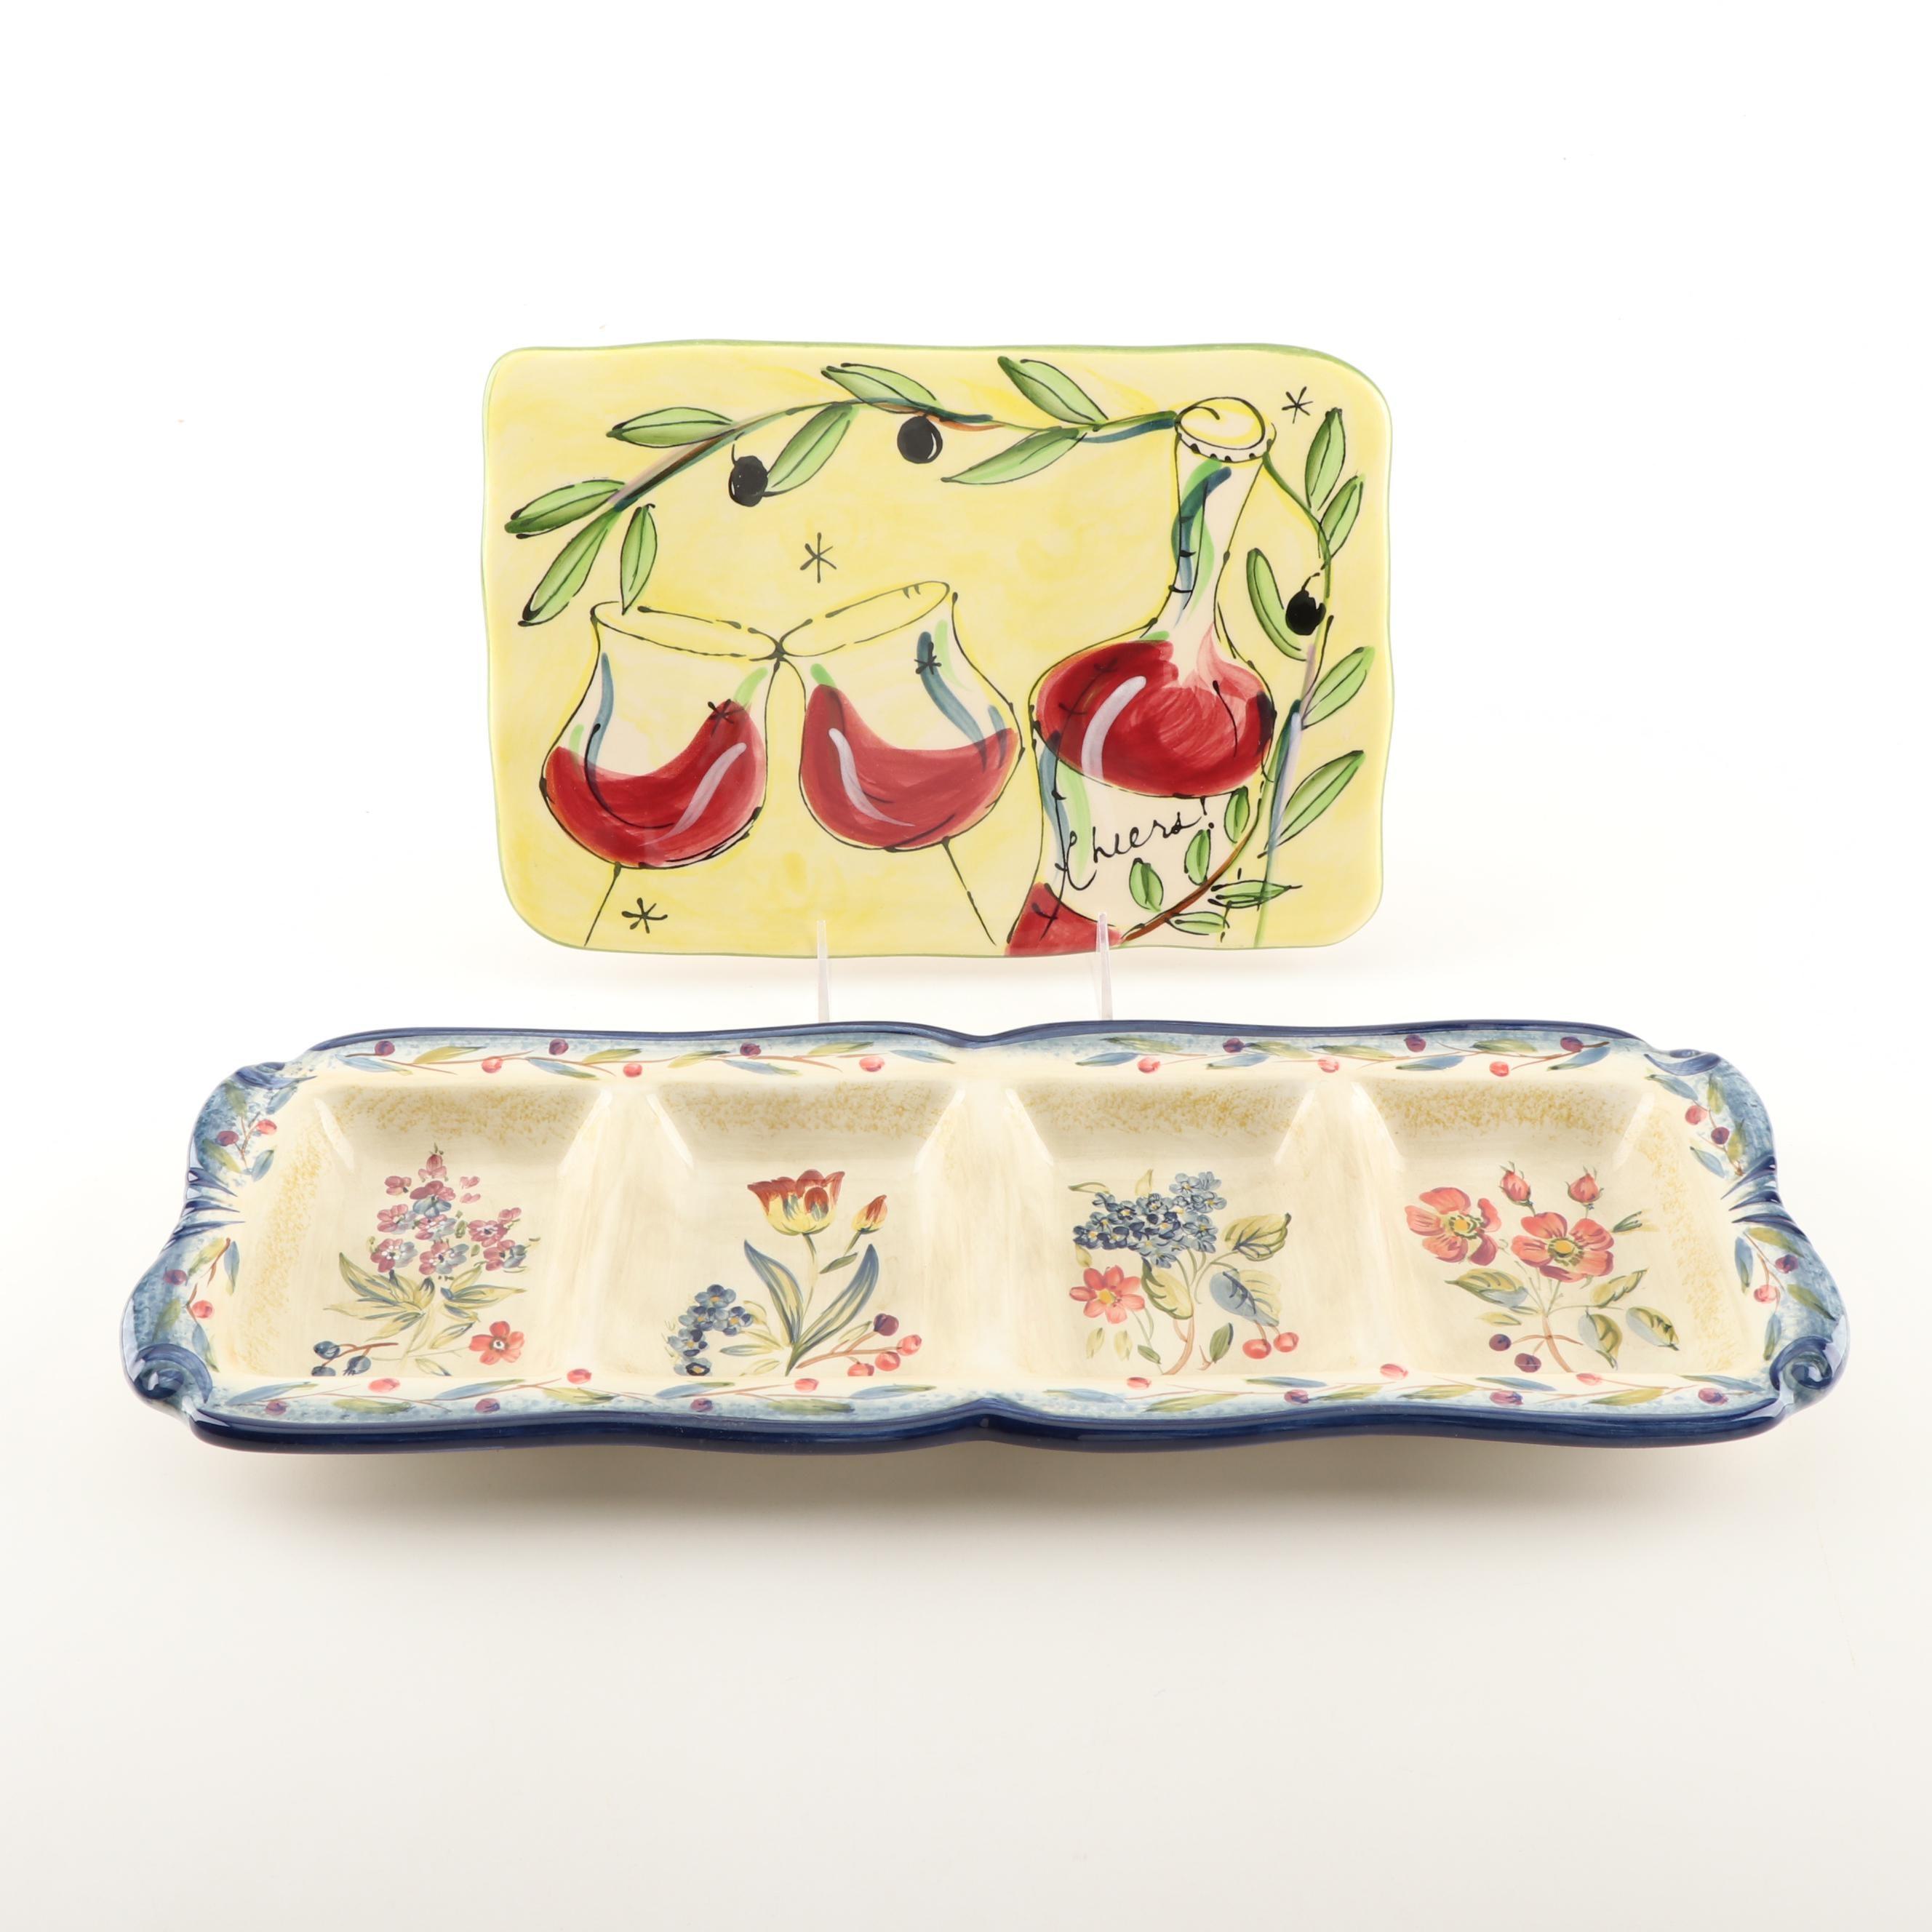 Ceramic Serveware by Fiora and Julia Junkin